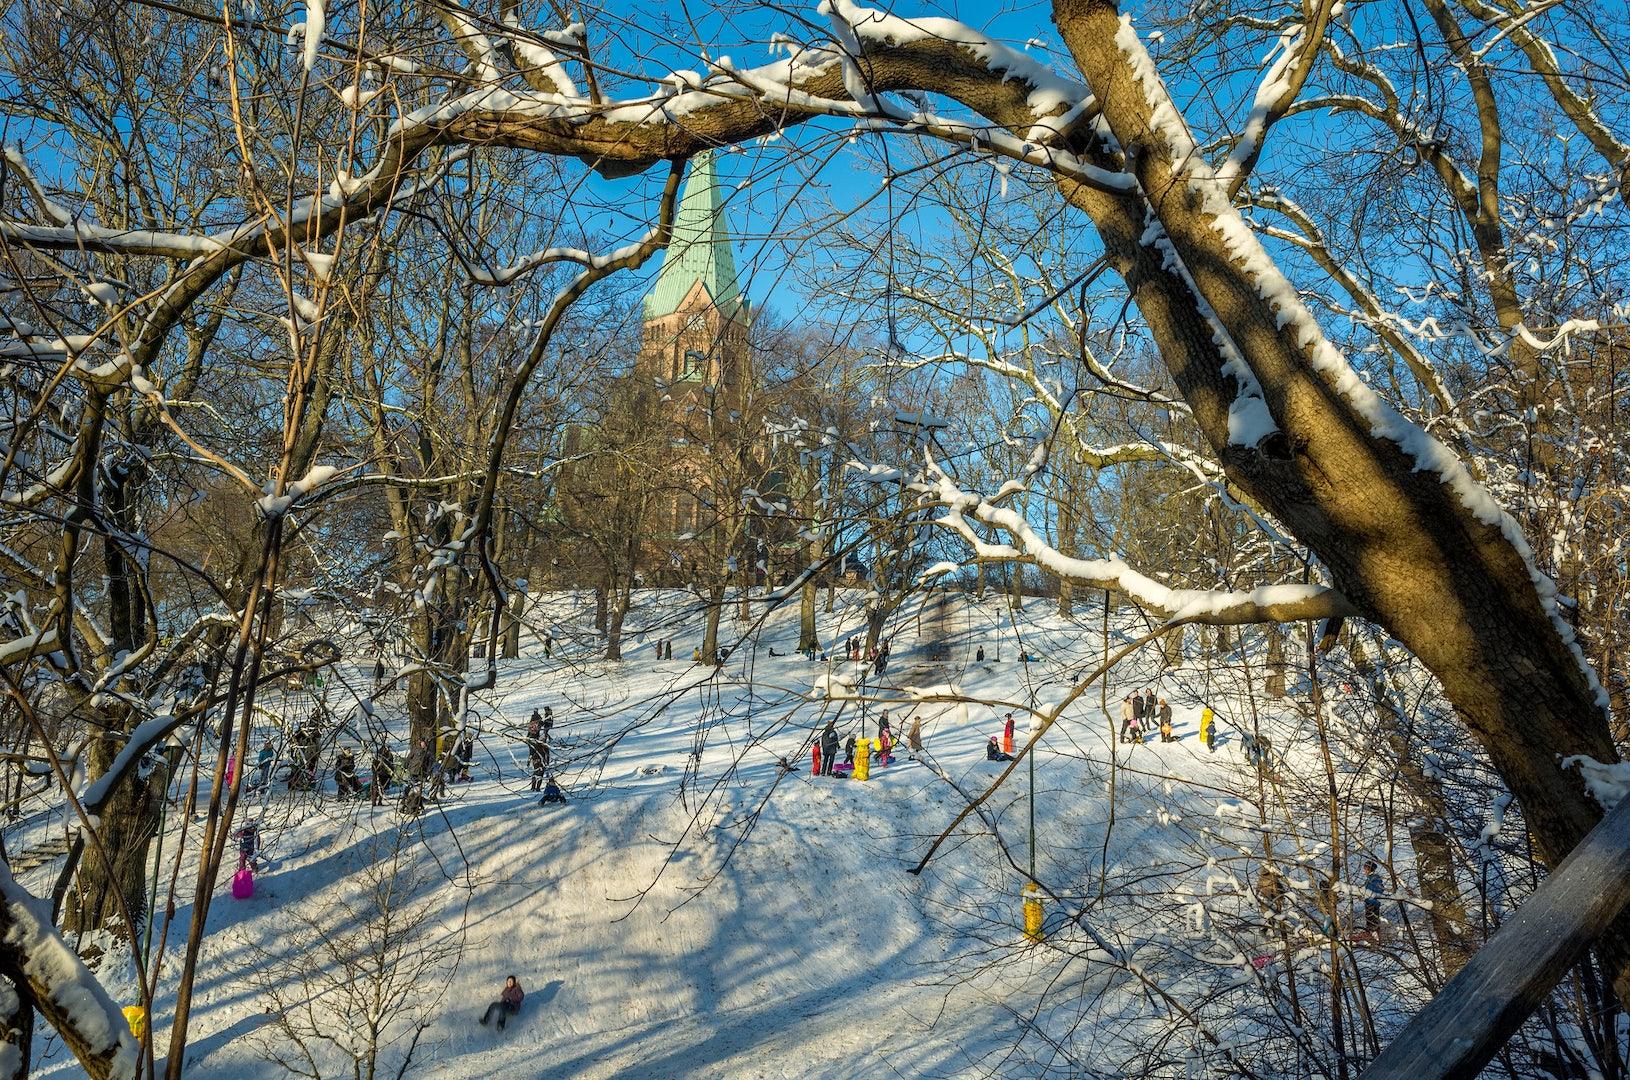 Vitabergsparken during winter